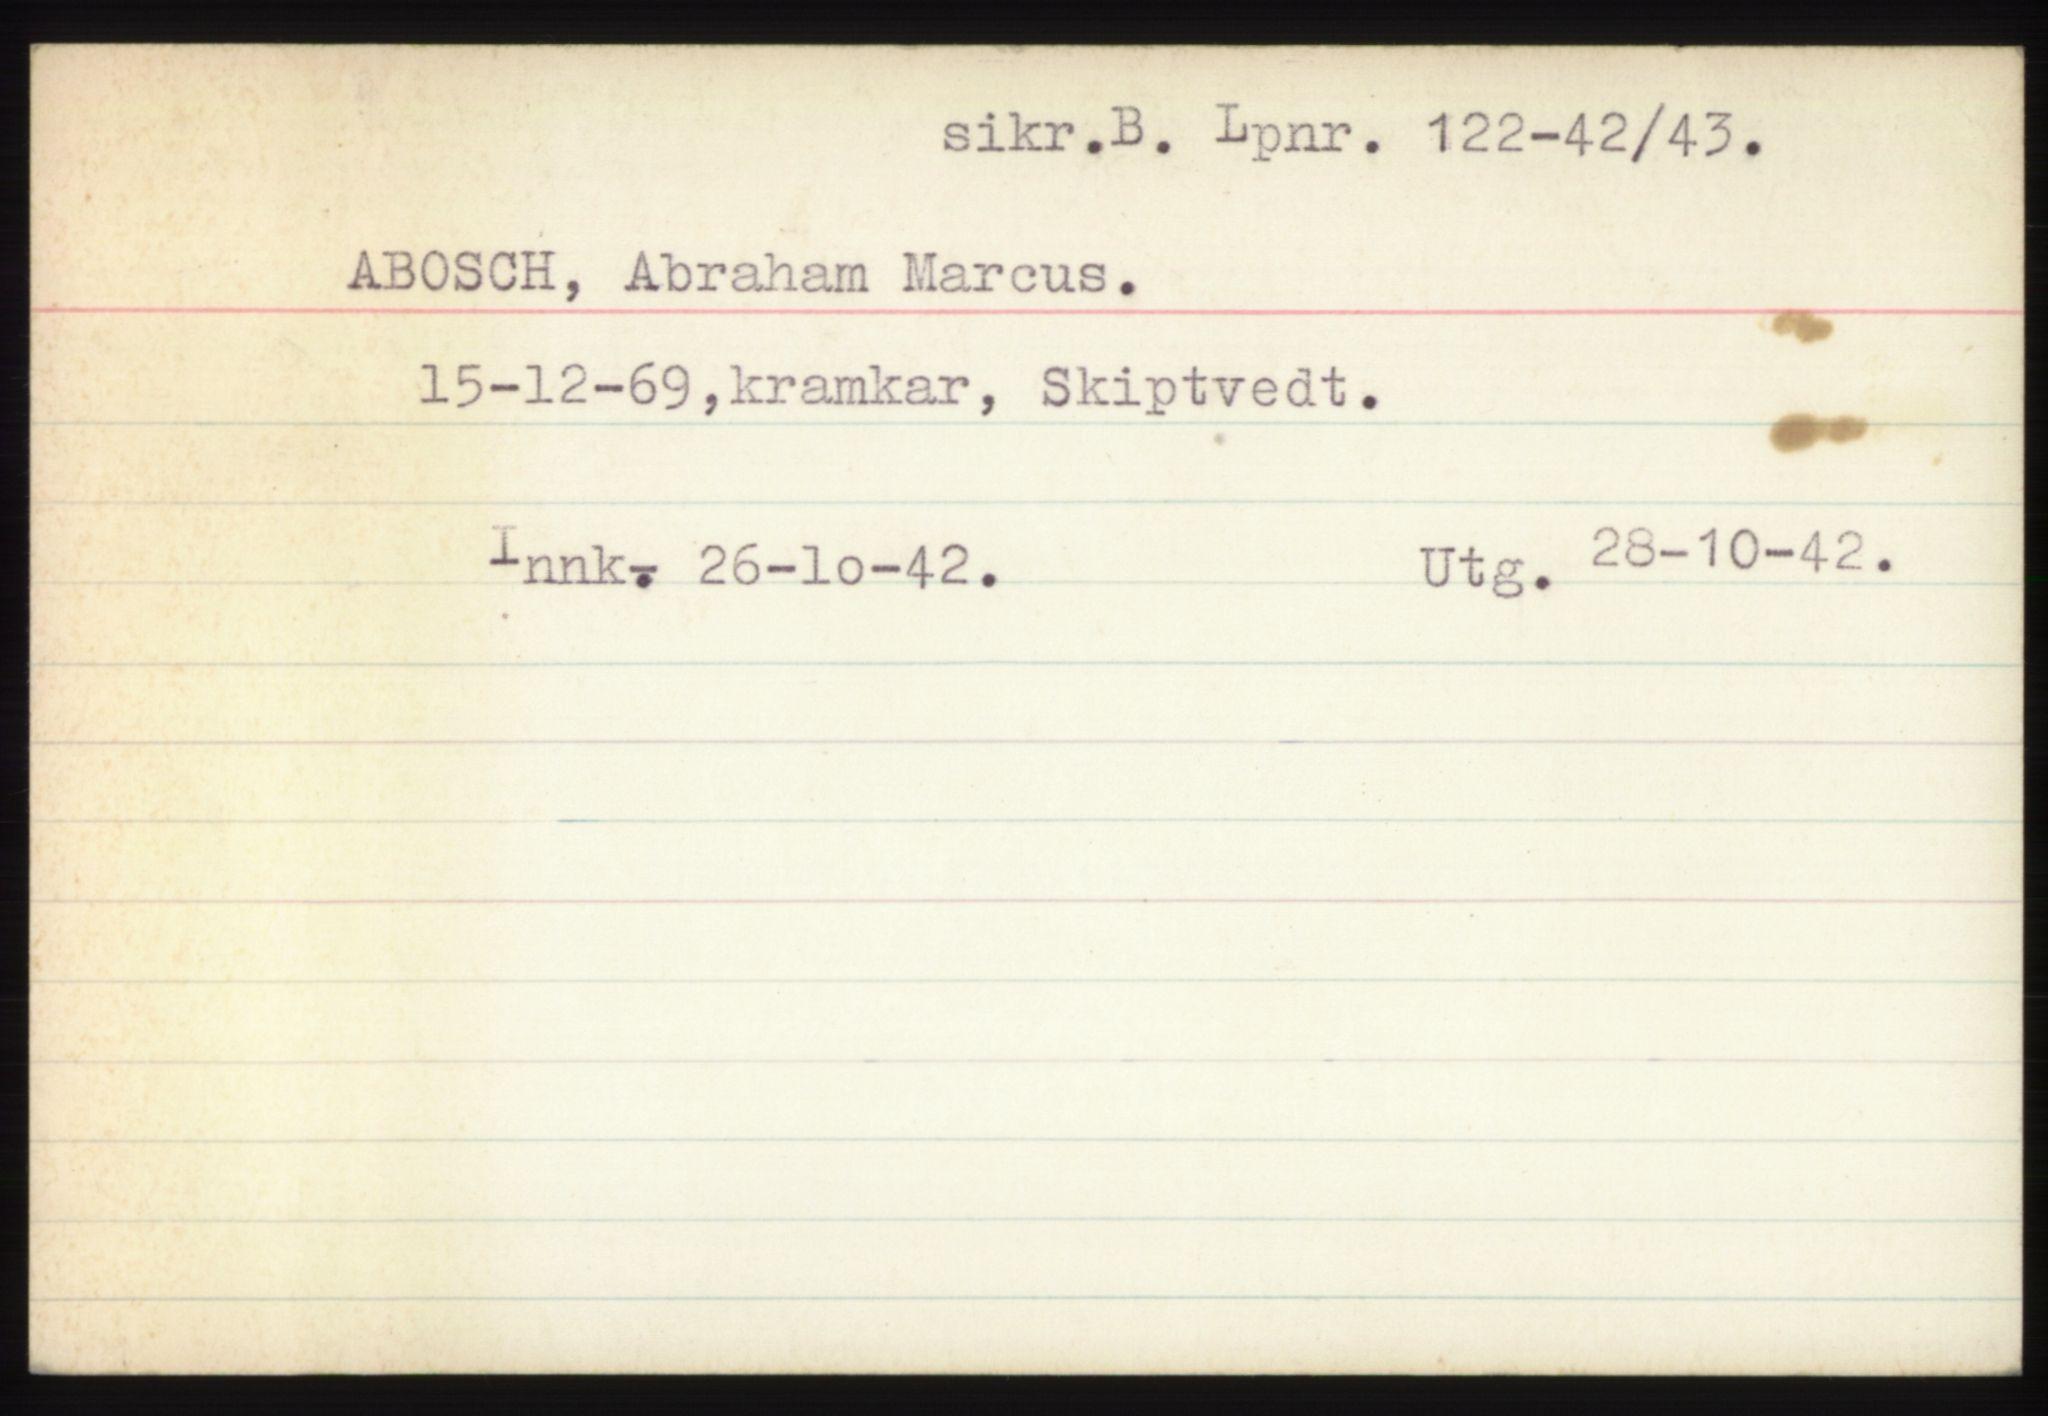 RA, Statspolitiet - Hovedkontoret / Osloavdelingen, C/Ck/Cke/L0002: Fangeregister A-F, 1941-1945, p. 2